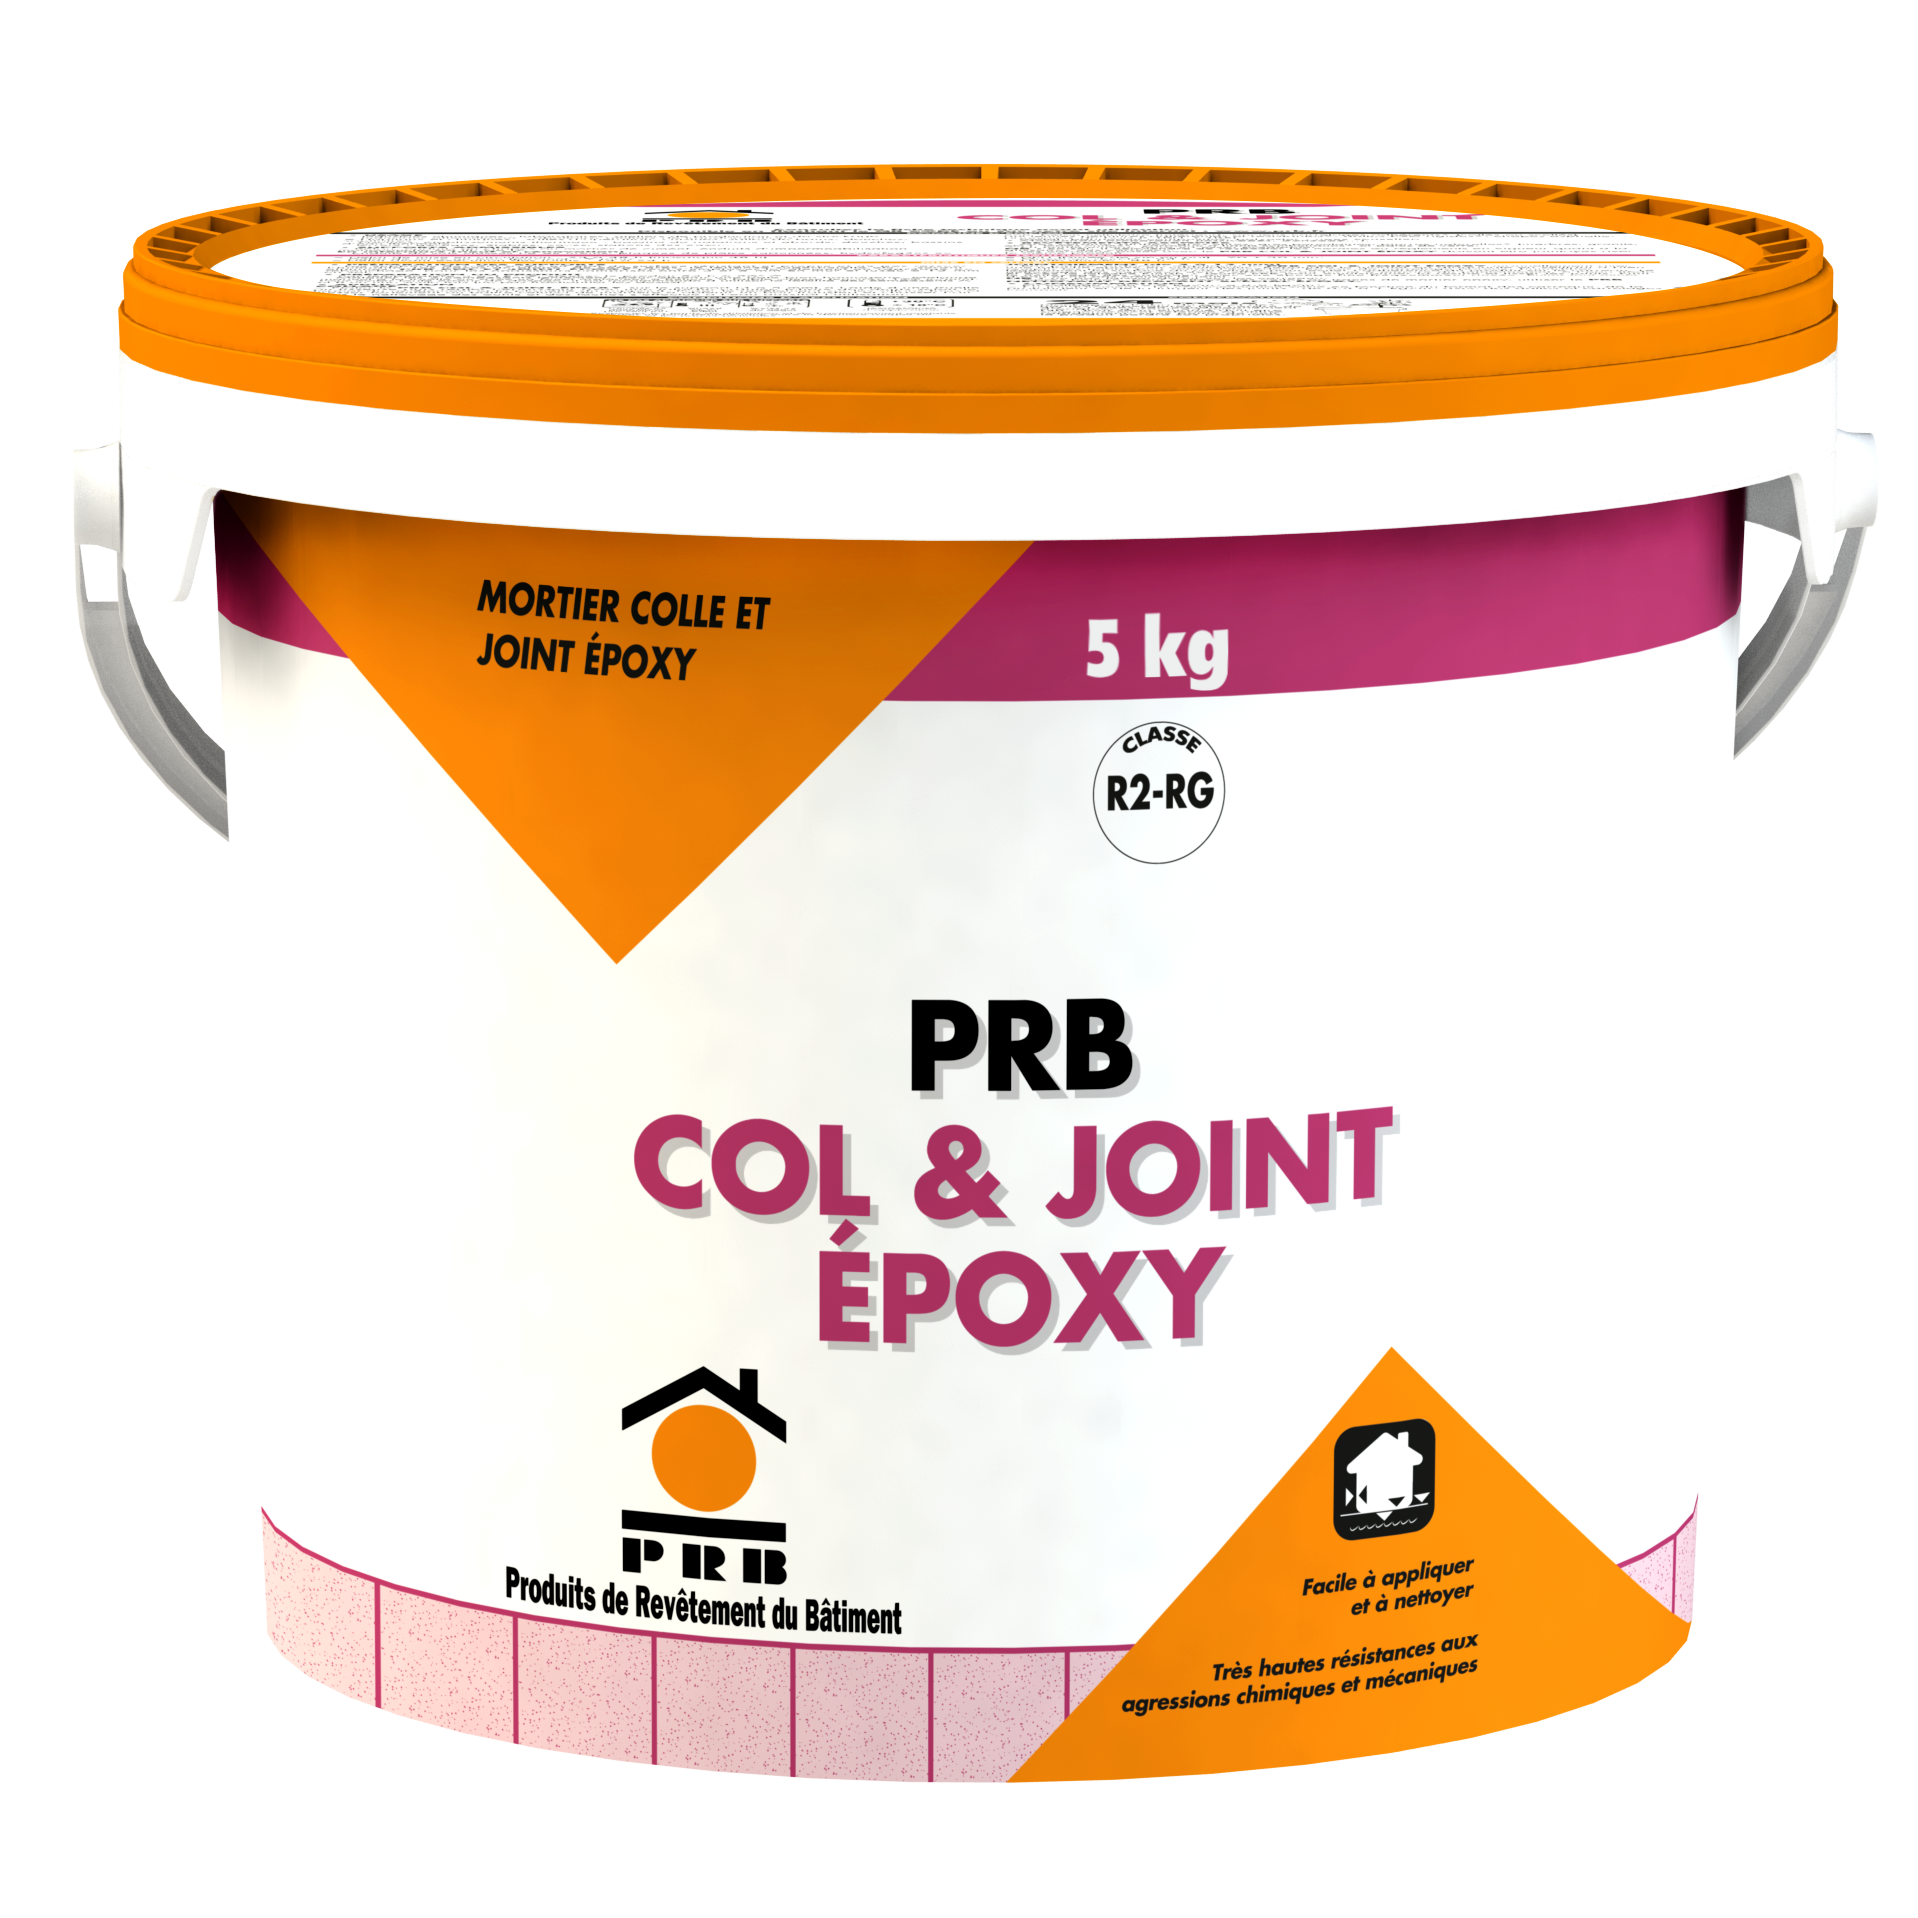 PRB COL & JOINT ÉPOXY 5 KG